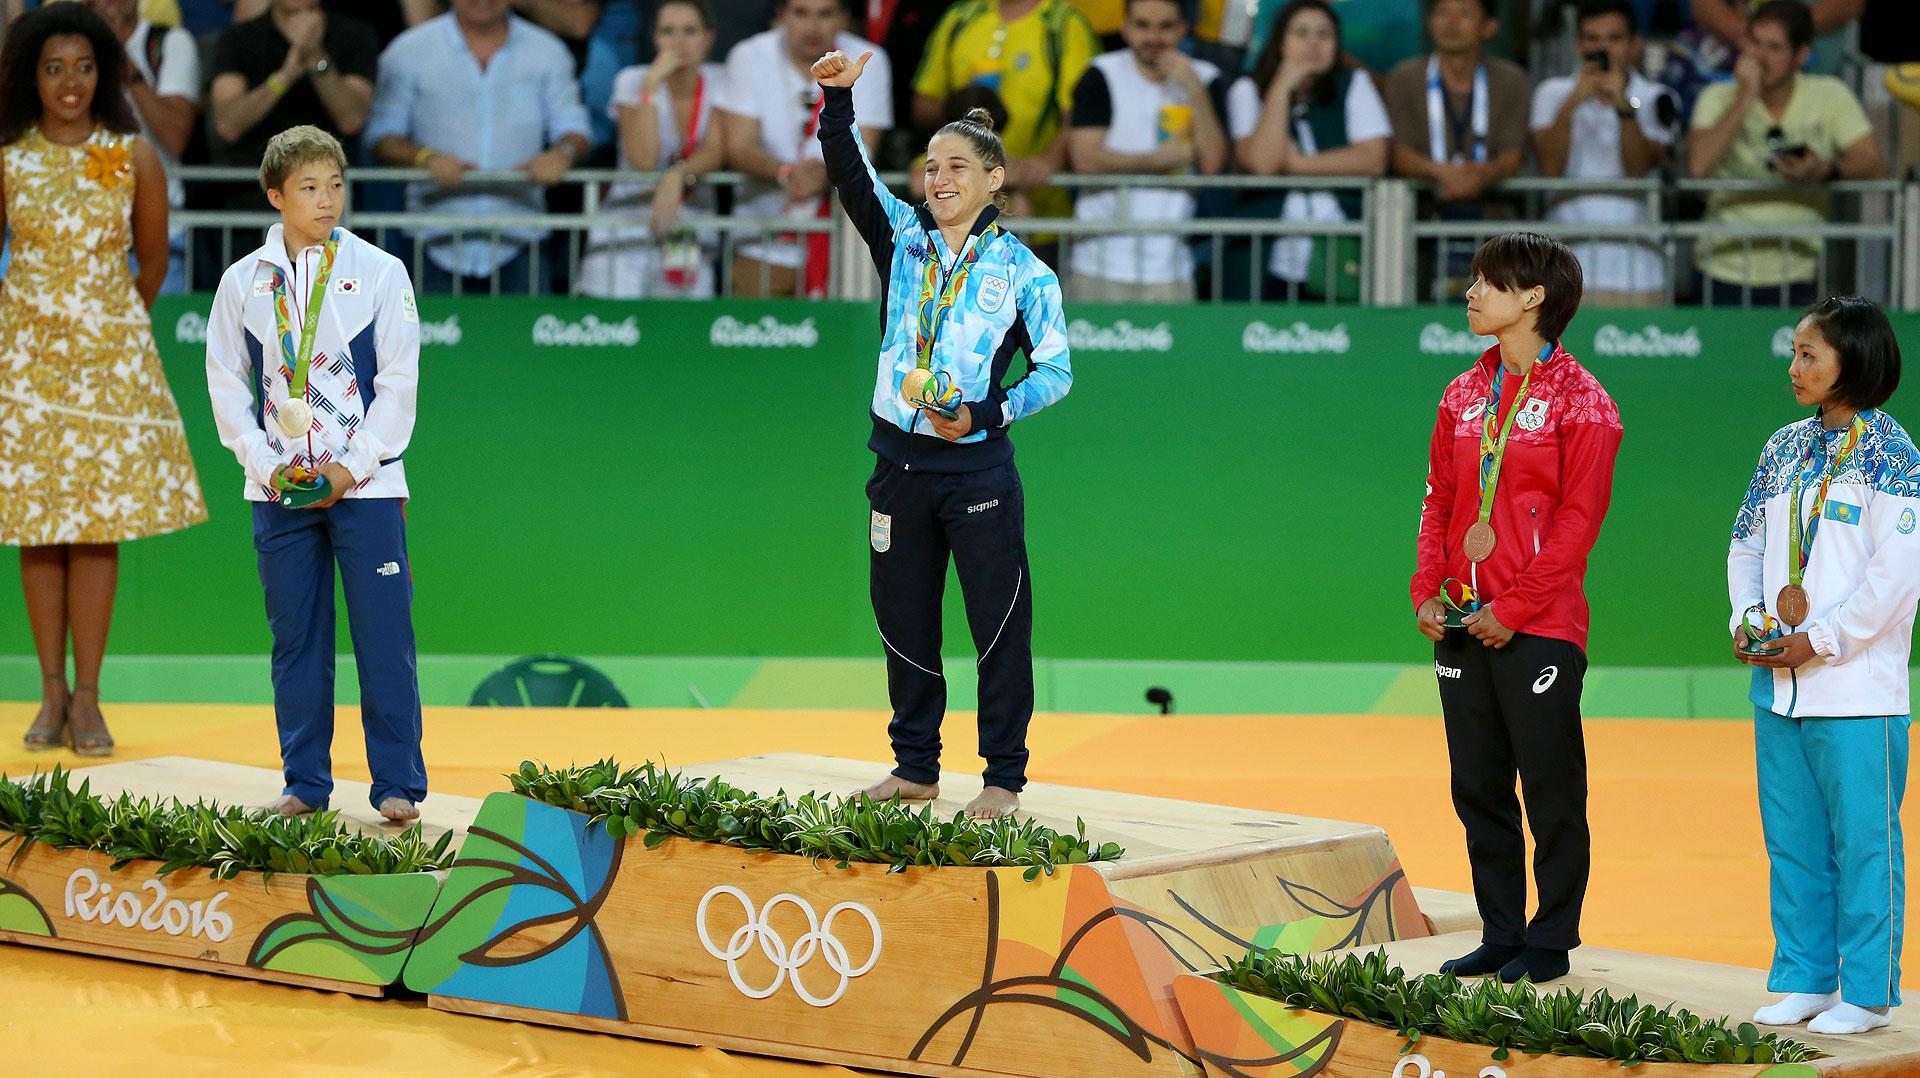 Paula Pareto, la yudoca ganadora del en los Juegos Olímpicos (Nicolás Stulberg)